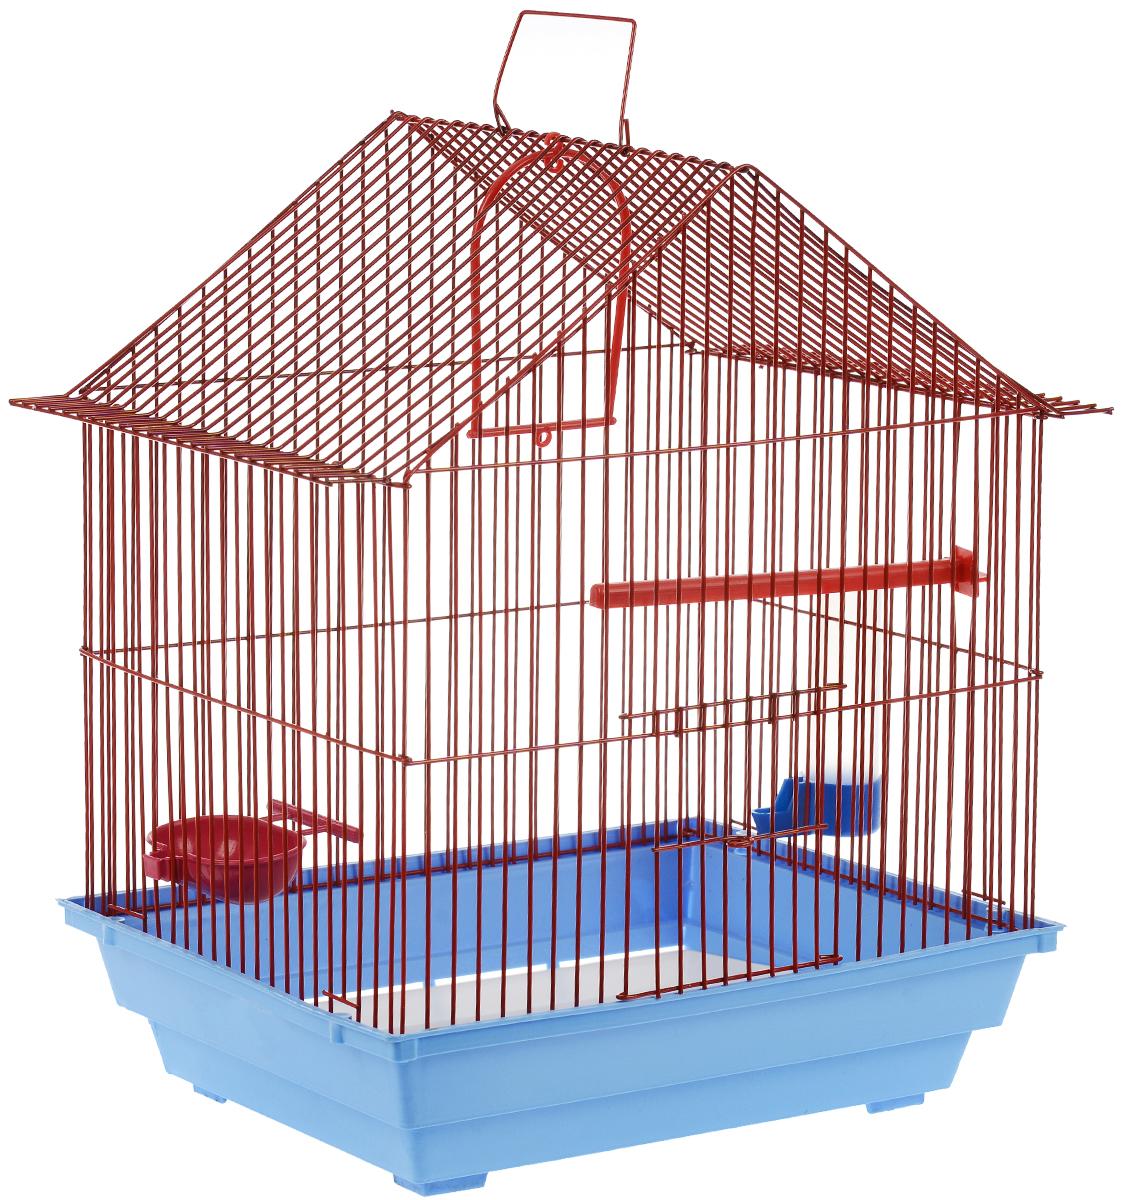 Клетка для птиц ЗооМарк, цвет: голубой поддон, красная решетка, 39 х 28 х 42 см0120710Клетка ЗооМарк, выполненная из полипропилена и металла, предназначена для мелких птиц. Вы можете поселить в нее одну или две птицы. Изделие состоит из большого поддона и решетки. Клетка снабжена металлической дверцей, которая открывается и закрывается движением вверх-вниз. В основании клетки находится малый поддон. Она оснащена жердочкой, кольцом для птицы, кормушкой, поилкой и подвижной ручкой для удобной переноски. Клетка удобна в использовании и легко чистится. В такой клетке вашему питомцу будет уютно и он будет чувствовать себя в безопасности. Комплектация: - клетка с поддоном, - малый поддон; - кормушка; - поилка; - кольцо,- жердочка.